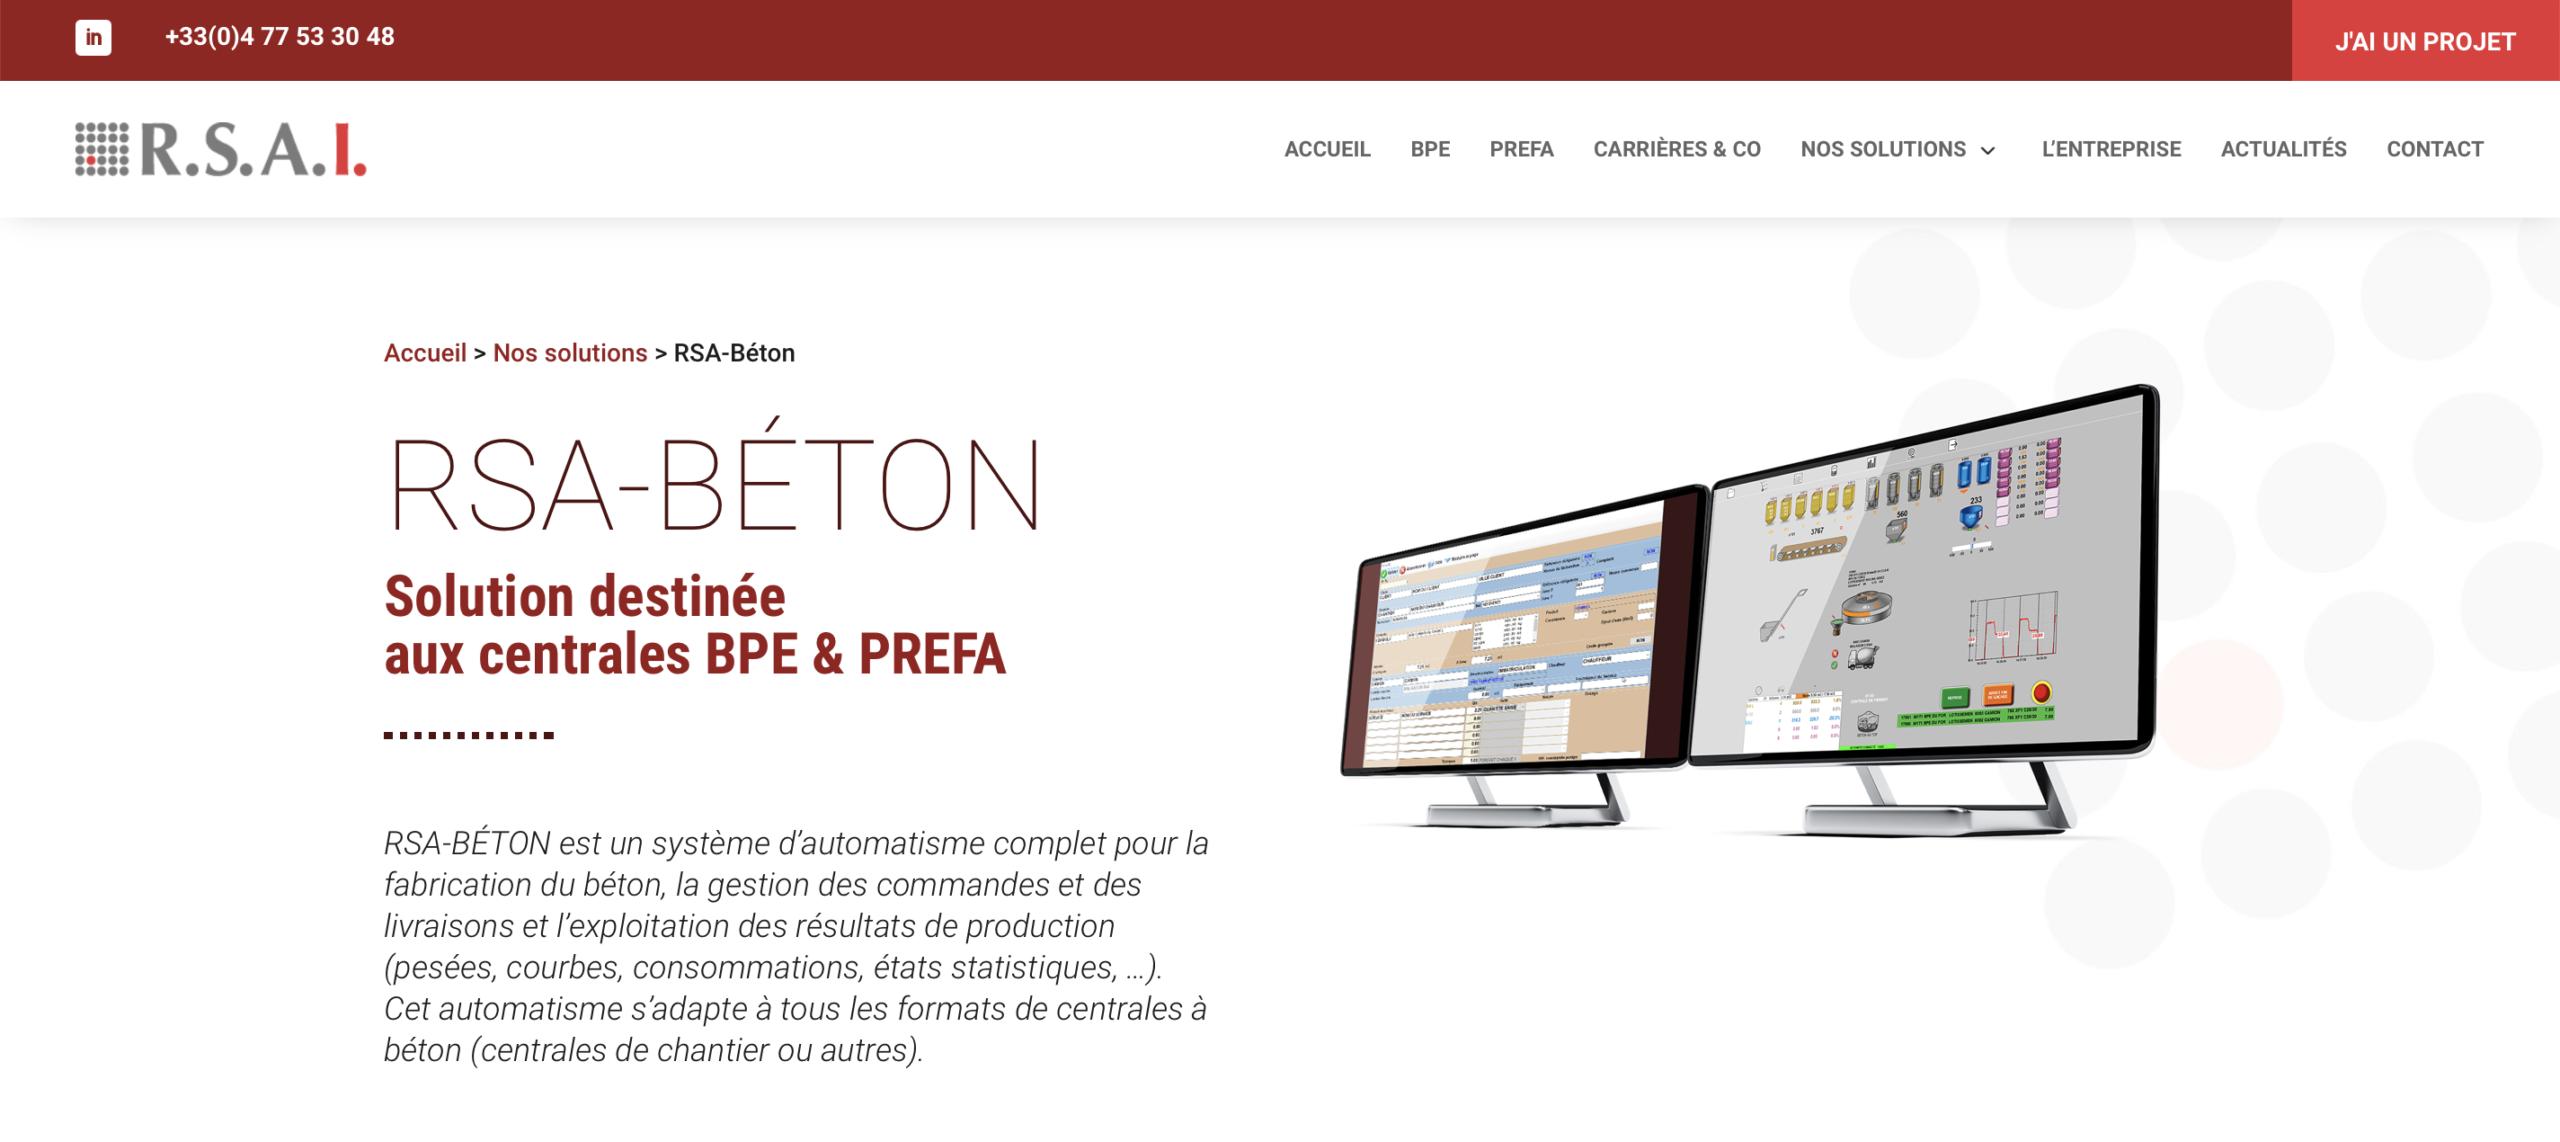 Page d'accueil du nouveau site internet RSAI